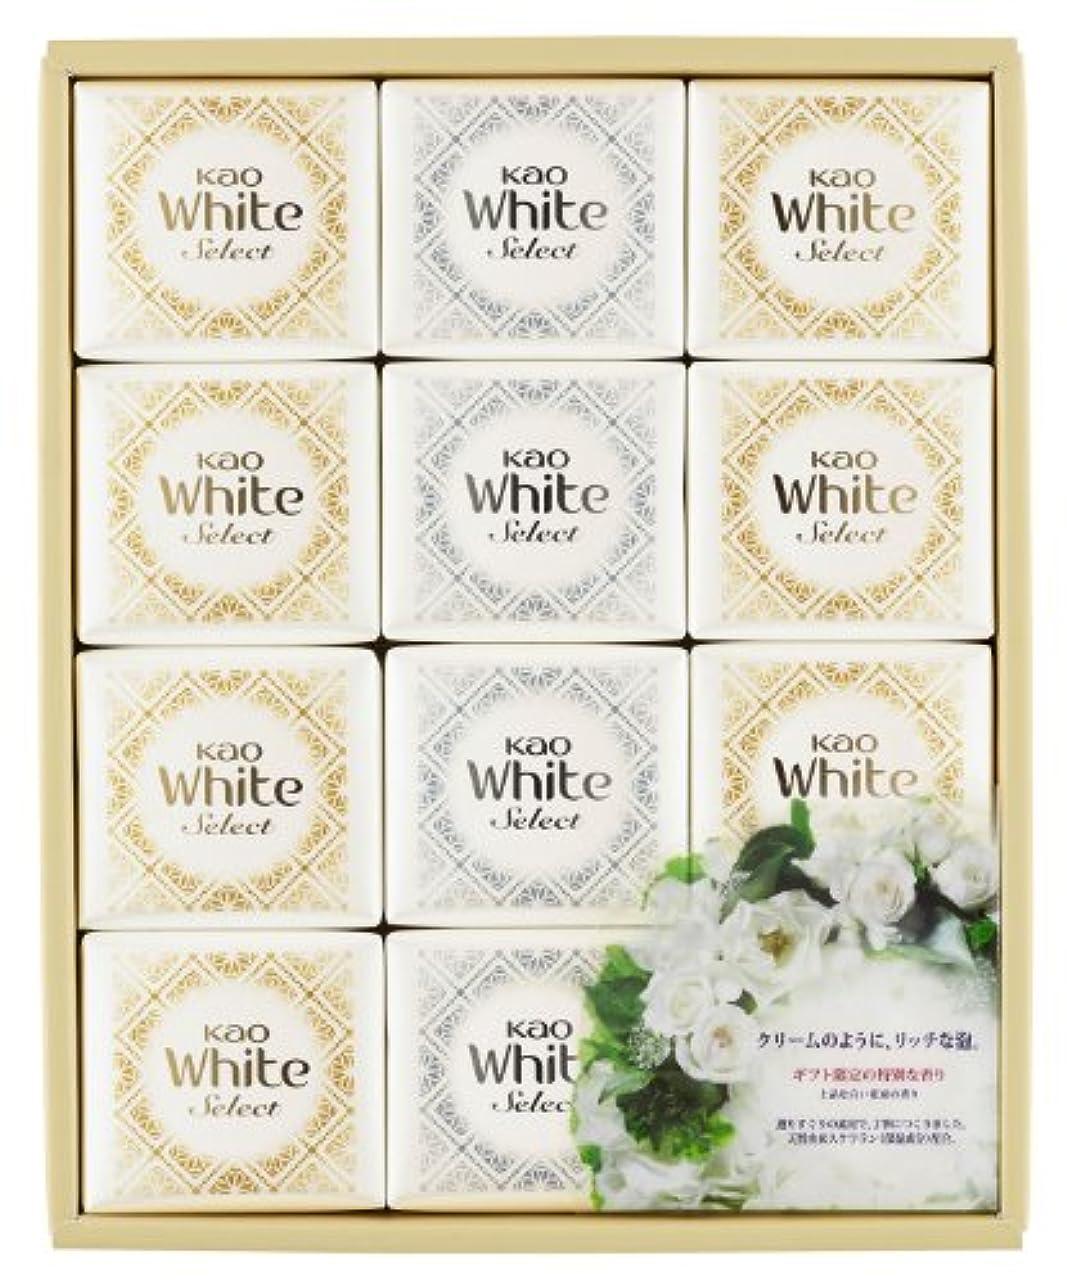 監査寄託グリット花王ホワイト セレクト 上品な白い花束の香り 85g 12コ K?WS-20